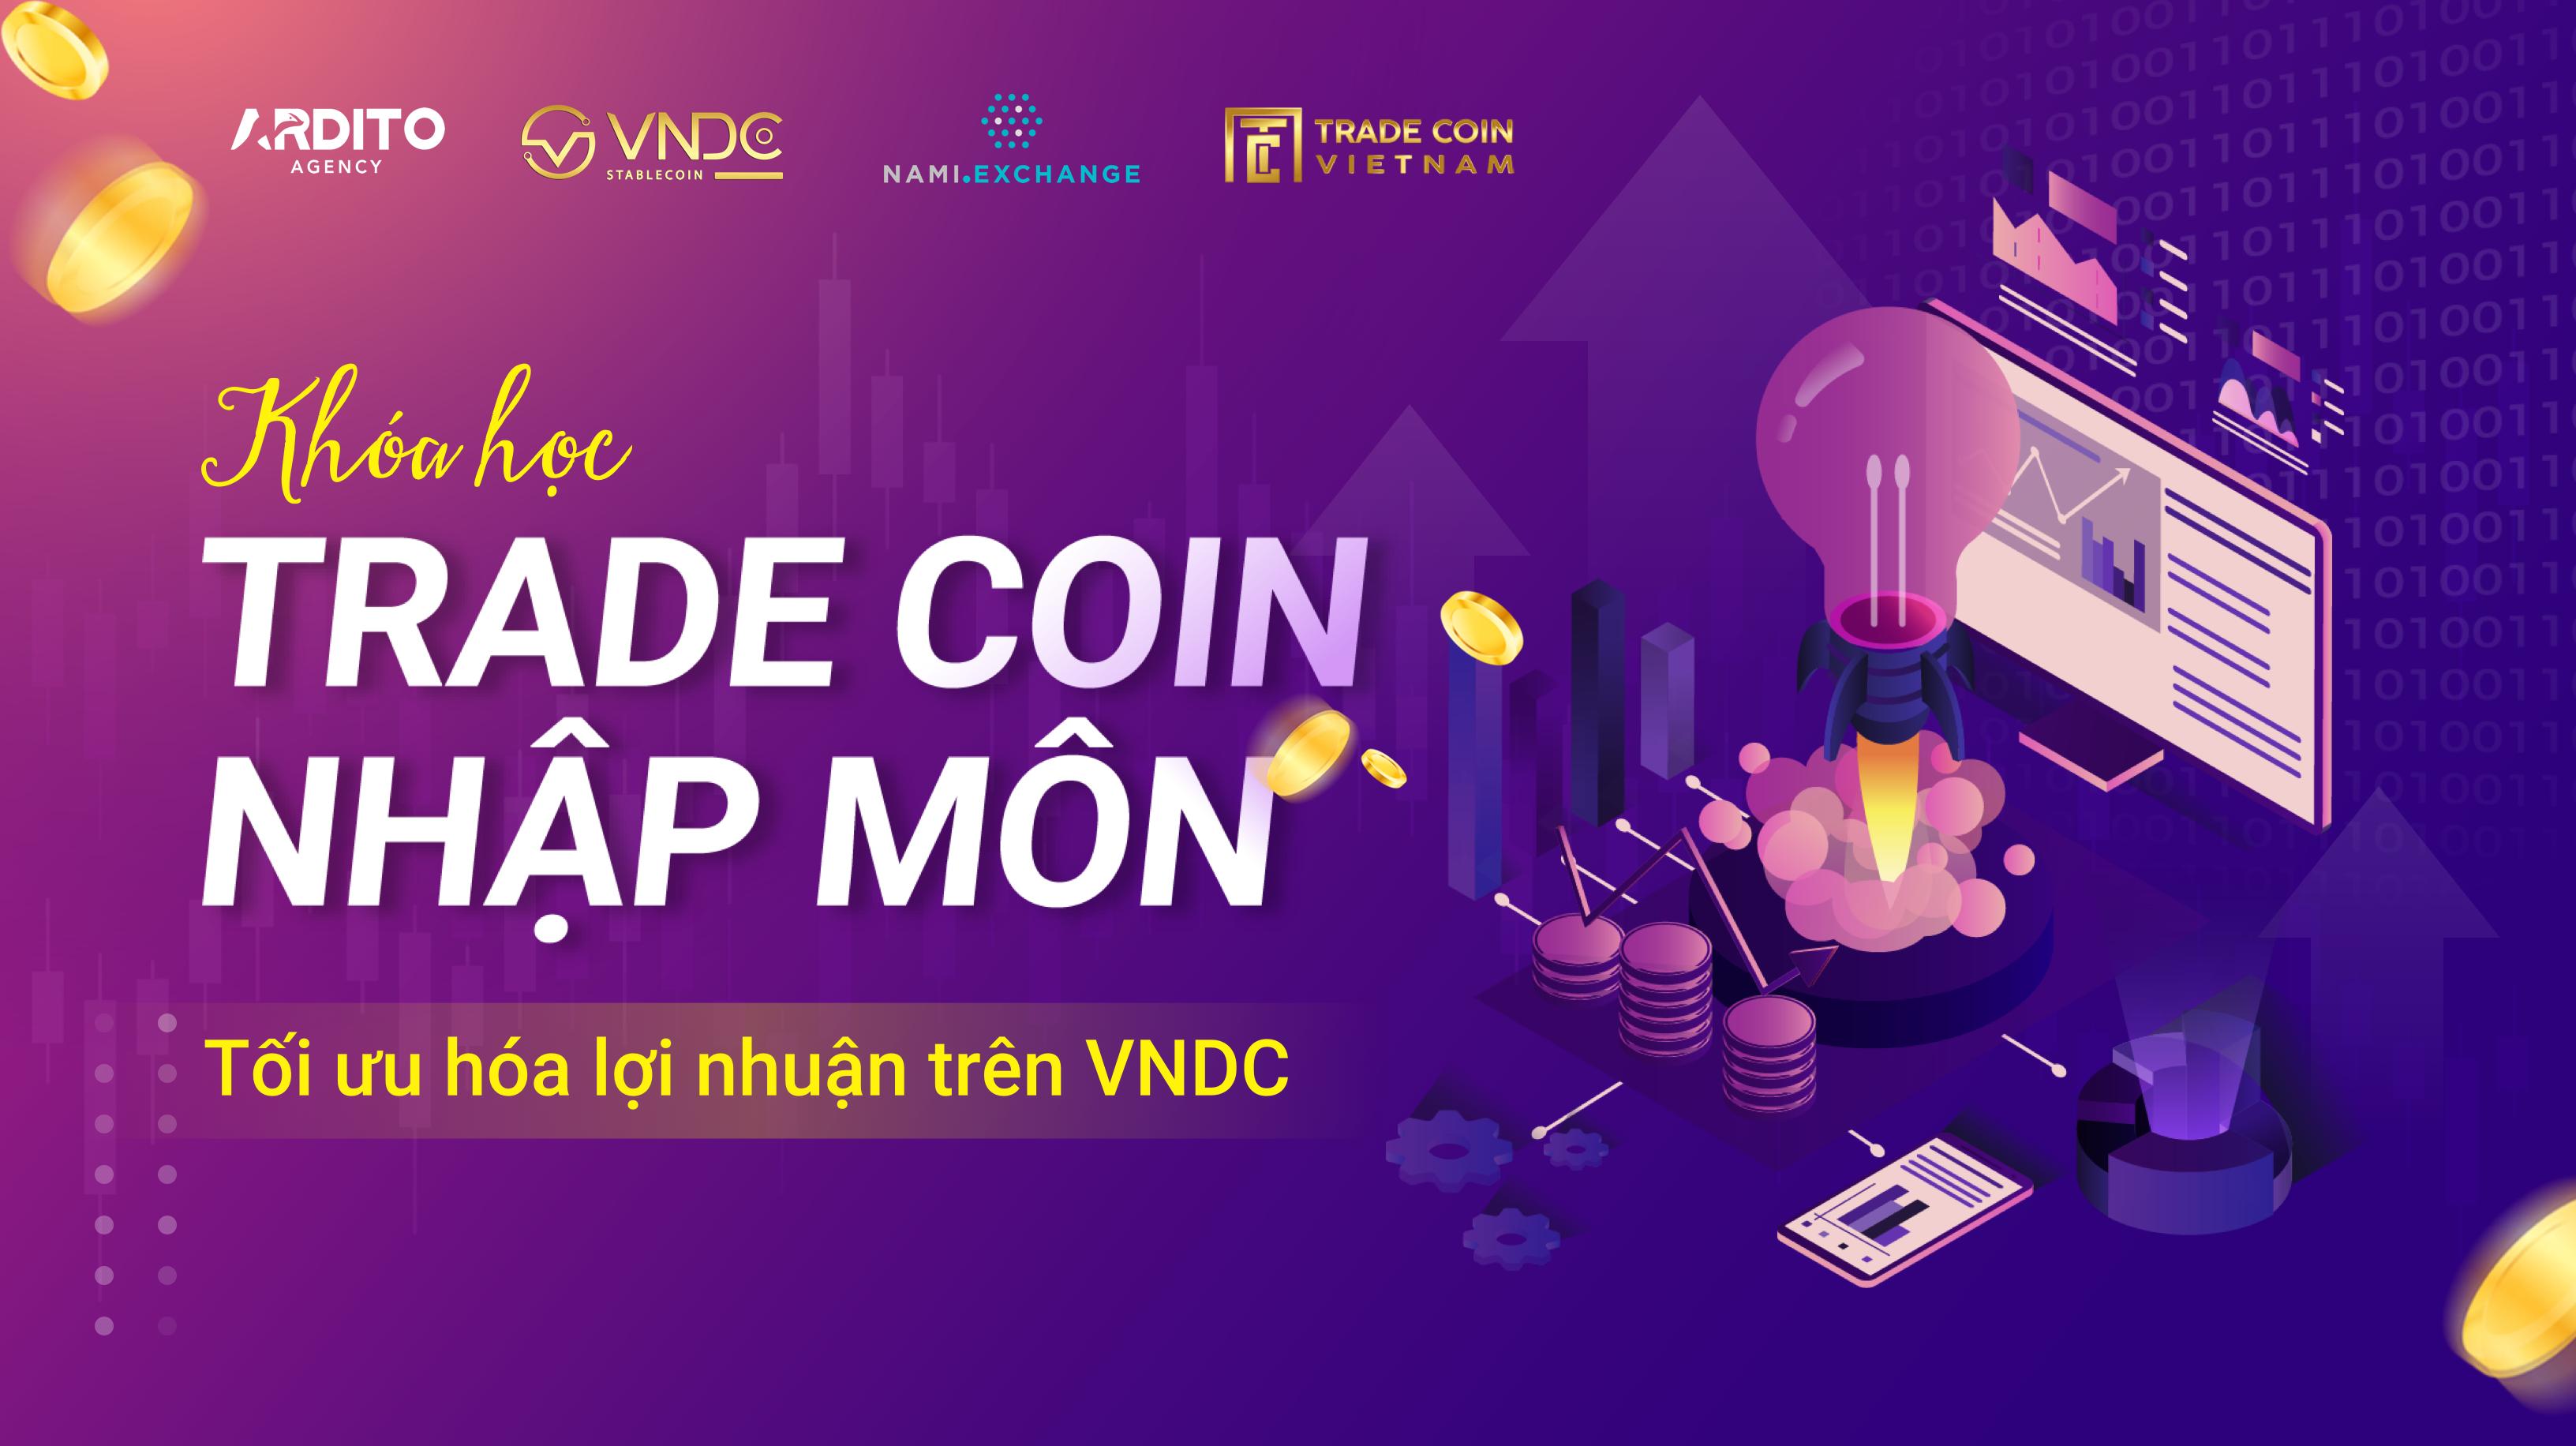 Bạn sẽ học được gì khi tham gia khóa học Trade Coin miễn phí?